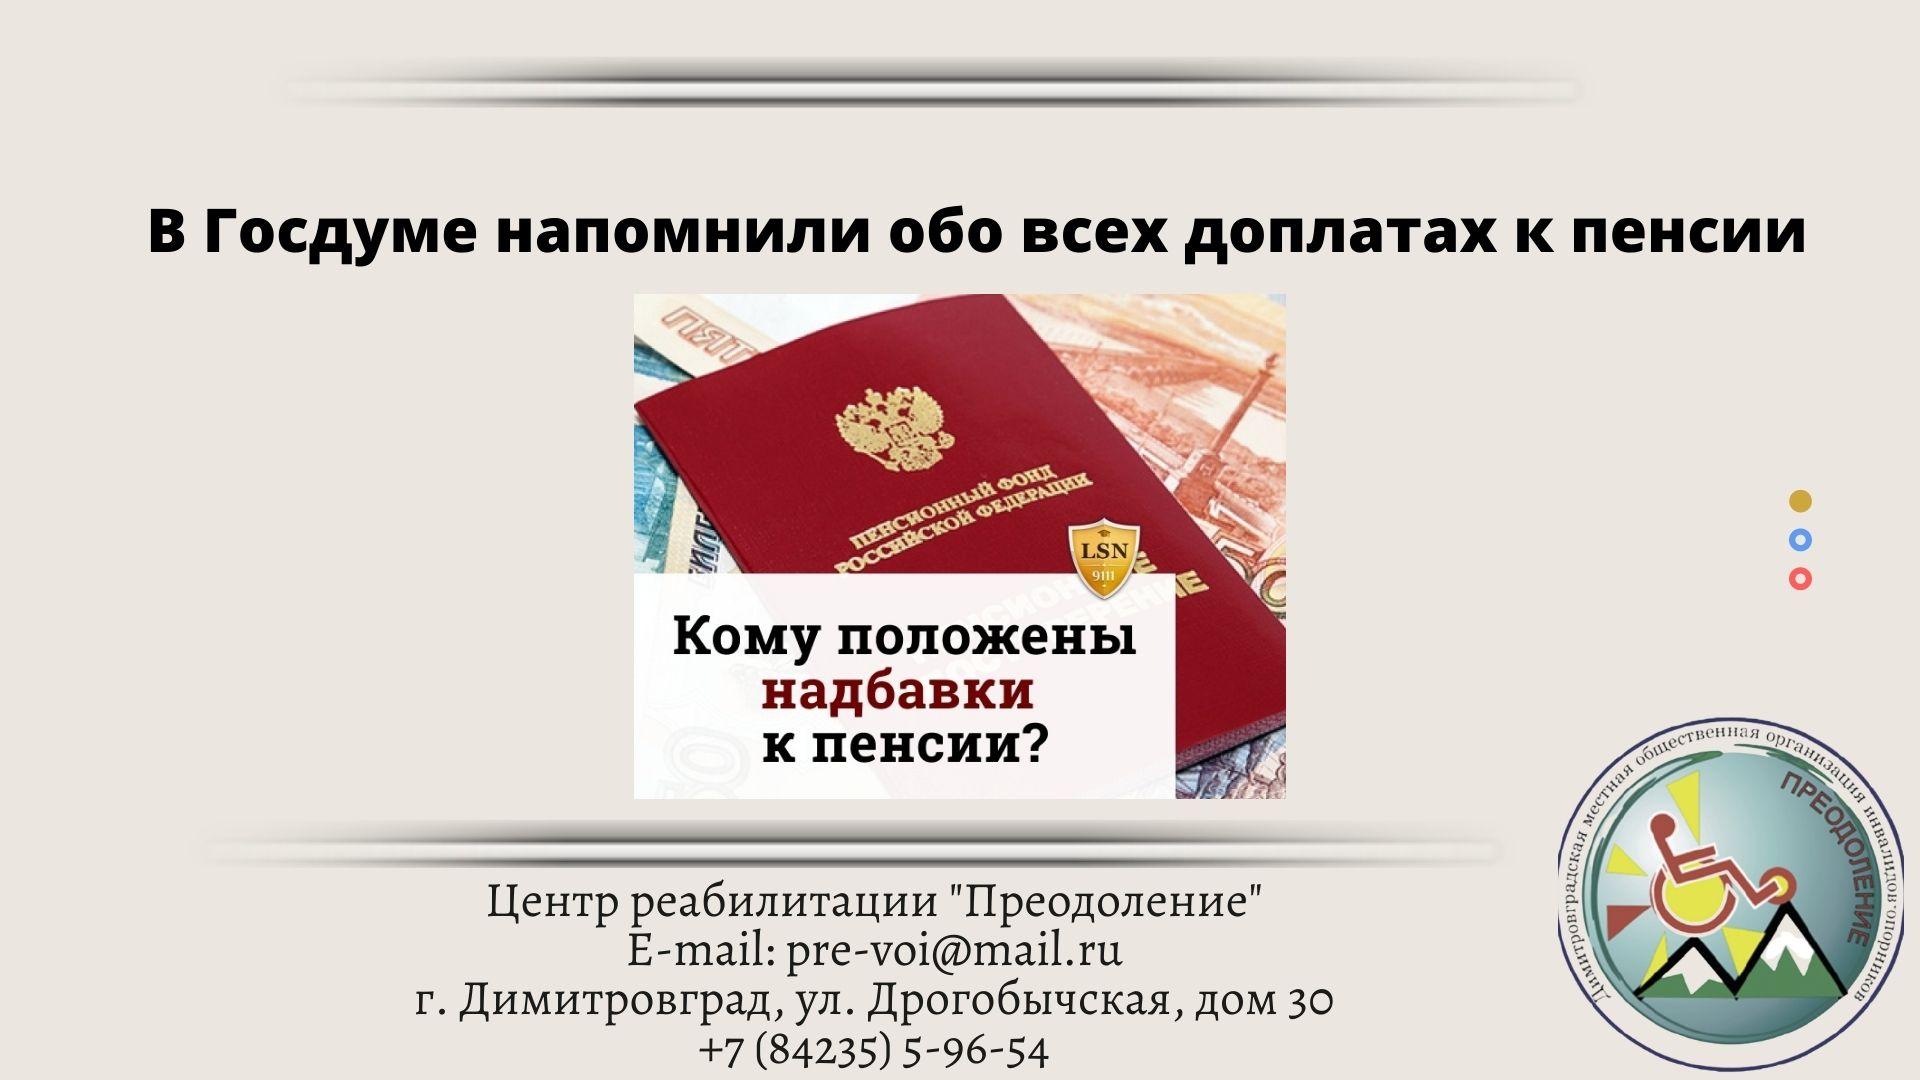 В Госдуме напомнили обо всех доплатах к пенсии